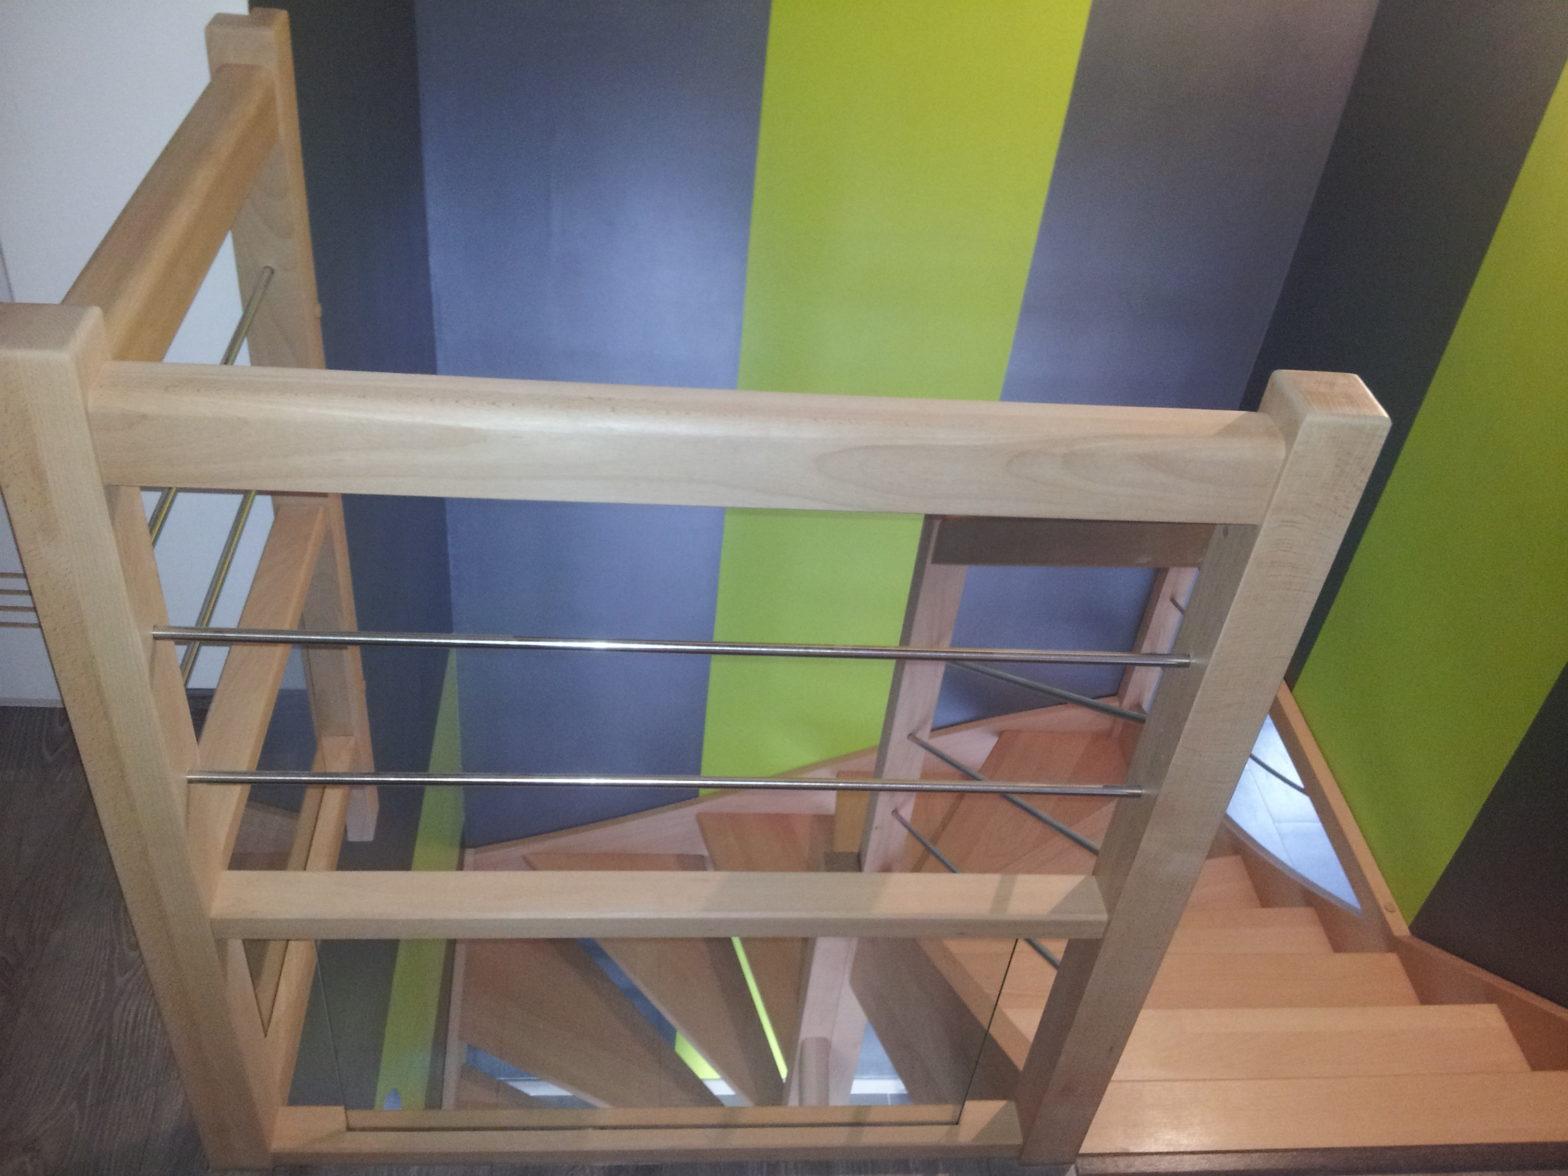 escalier rambarde alu 49125 briolay